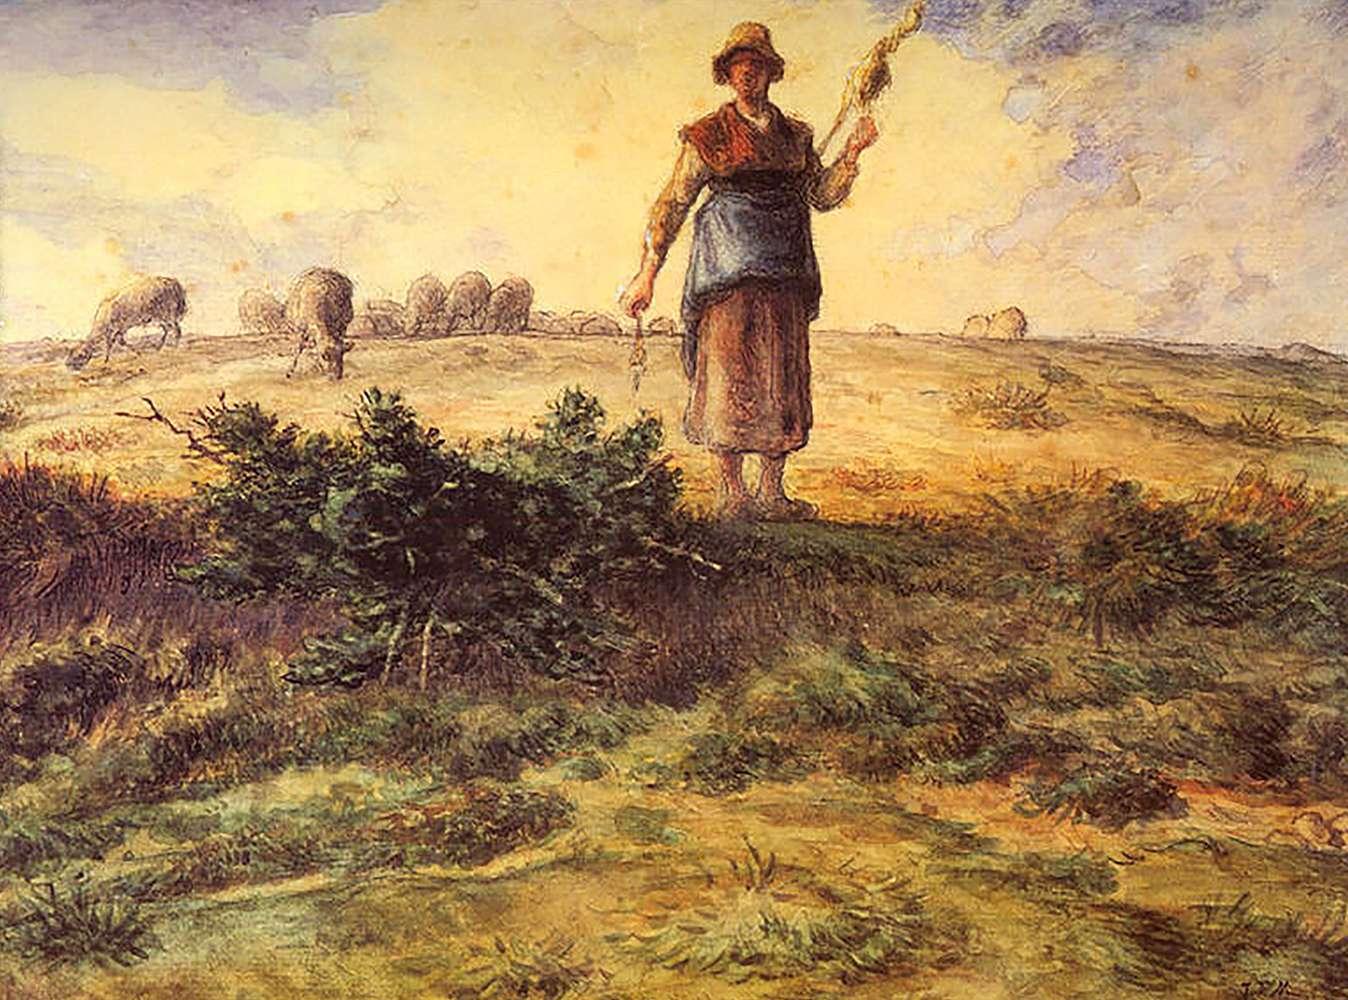 Αγροτική ζωή. Ζαν Φρανσουά Μιγέ (Jean-François Millet, 4 Οκτωβρίου 1814 - 20 Ιανουαρίου 1875).